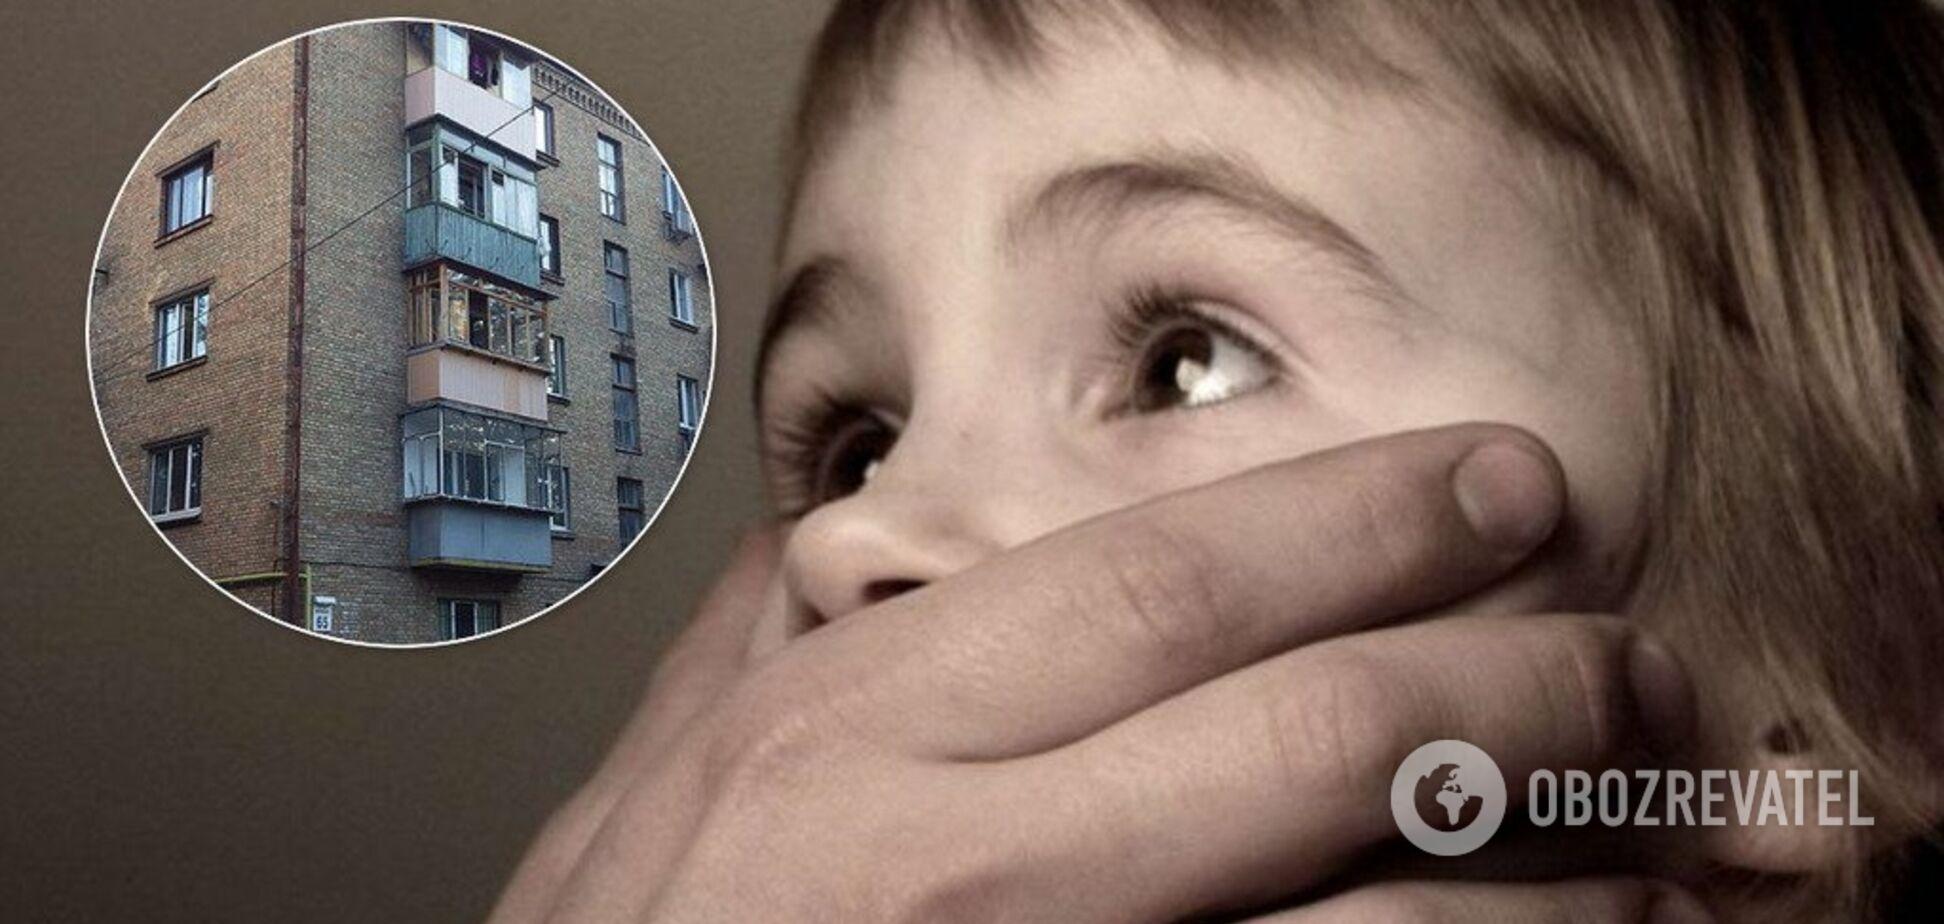 Київ розбурхала дивна історія про сім'ю. Ілюстрація